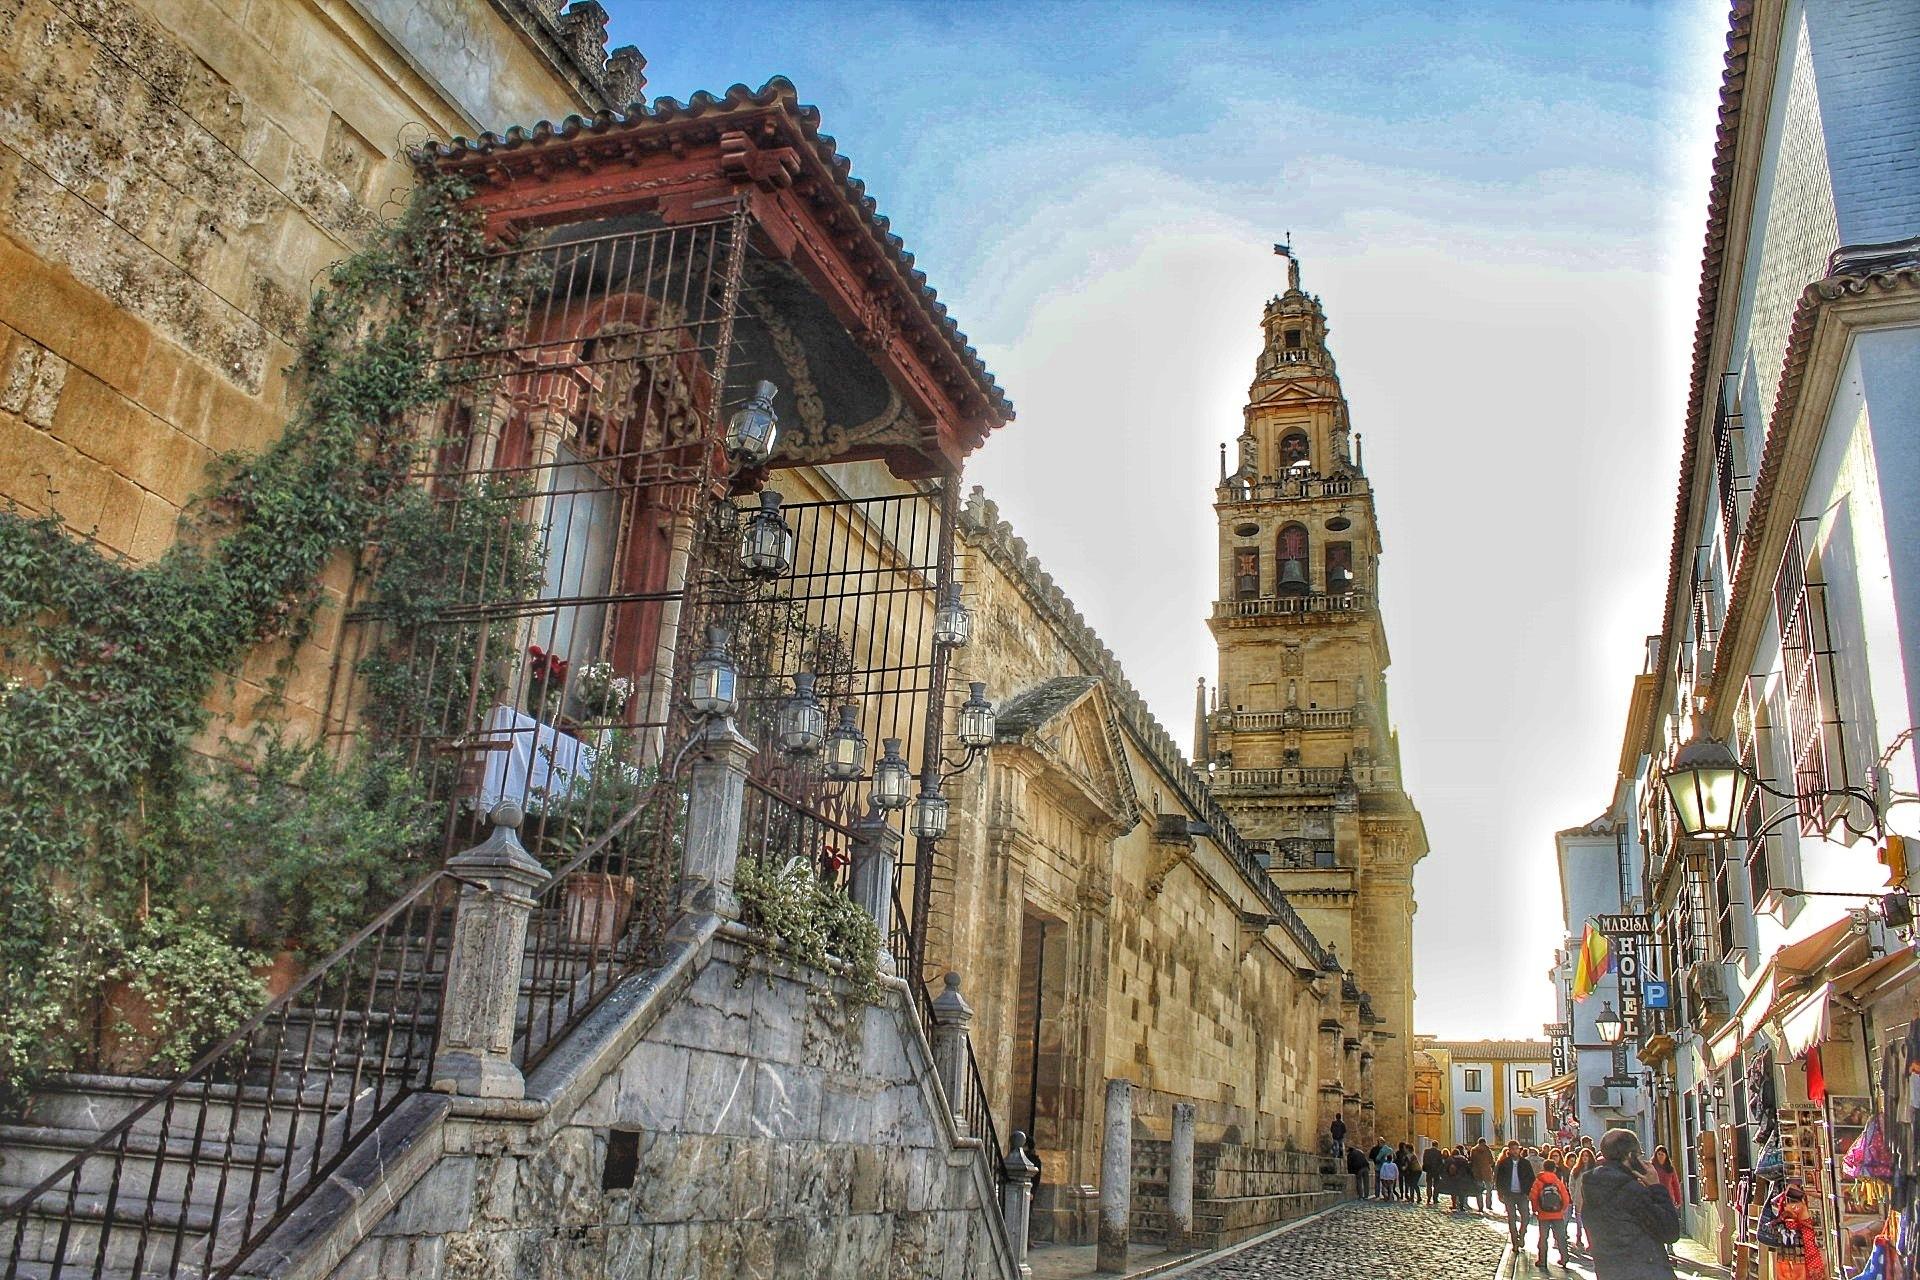 Mezquita-Catedral de Córdoba  by Xema Aguilar